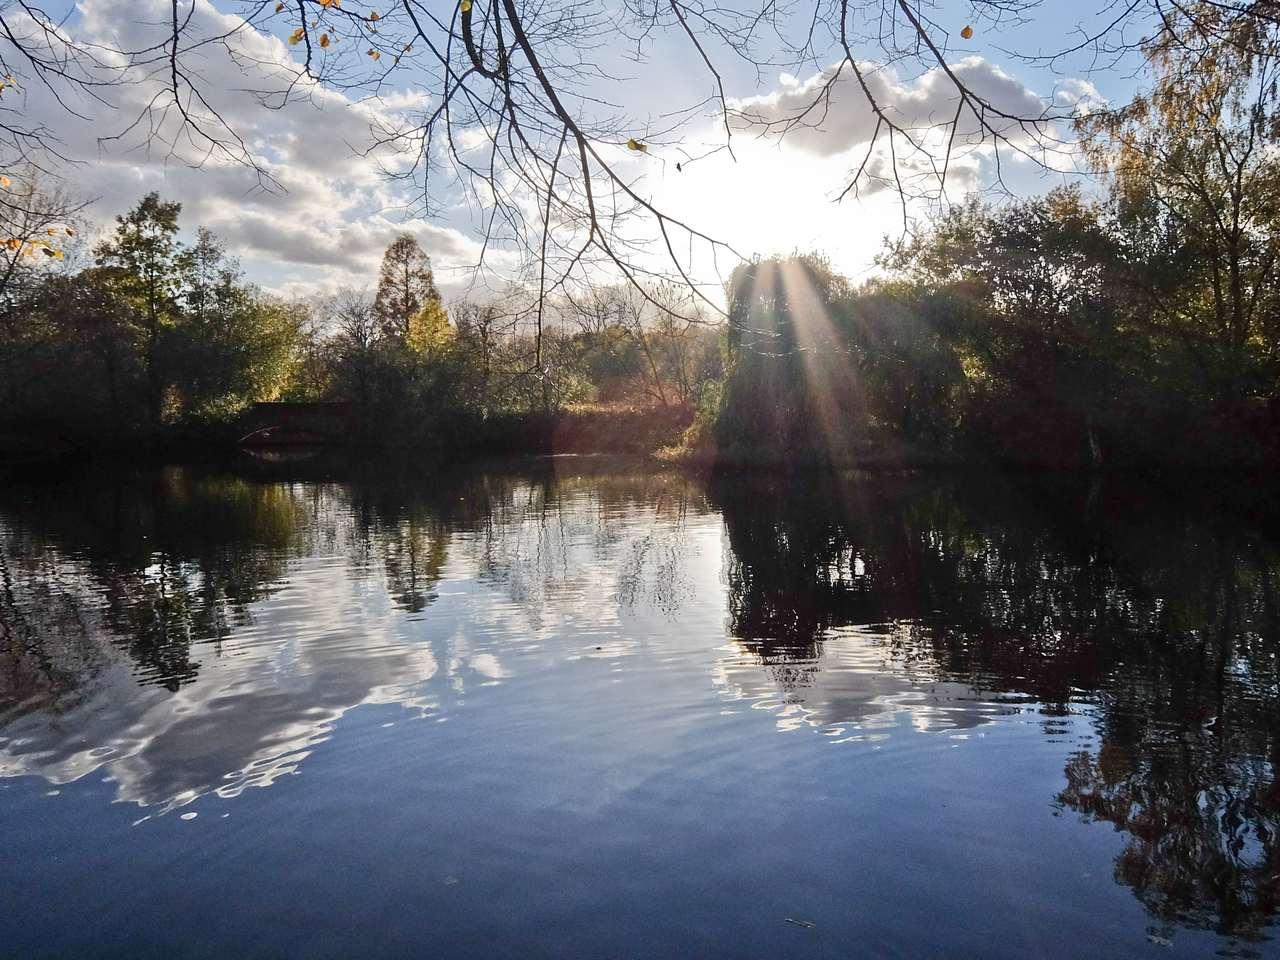 Wandsworth common lake